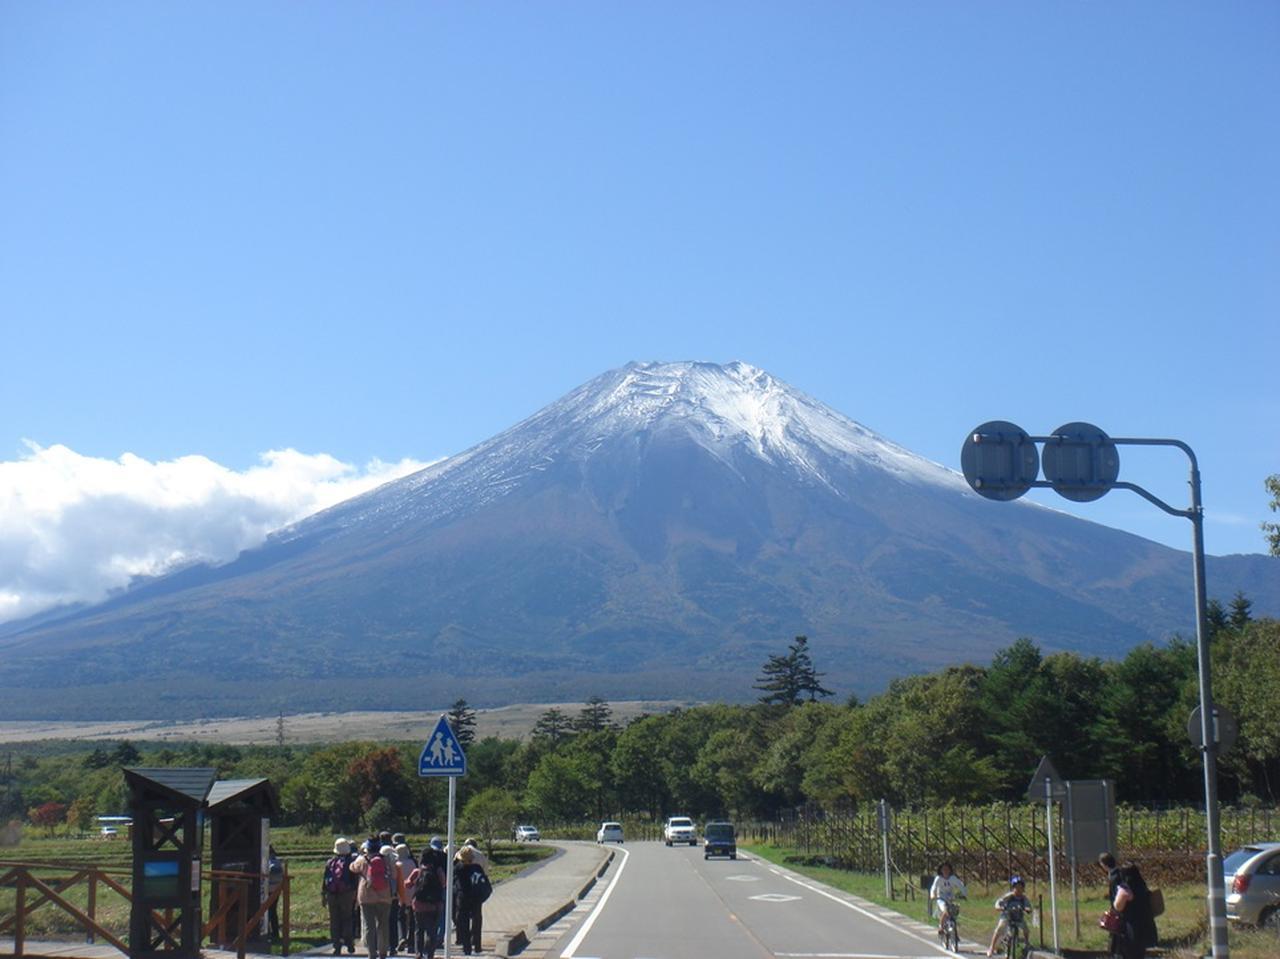 画像1: 様々な富士山の表情を楽しめるのがツアーの醍醐味です♪